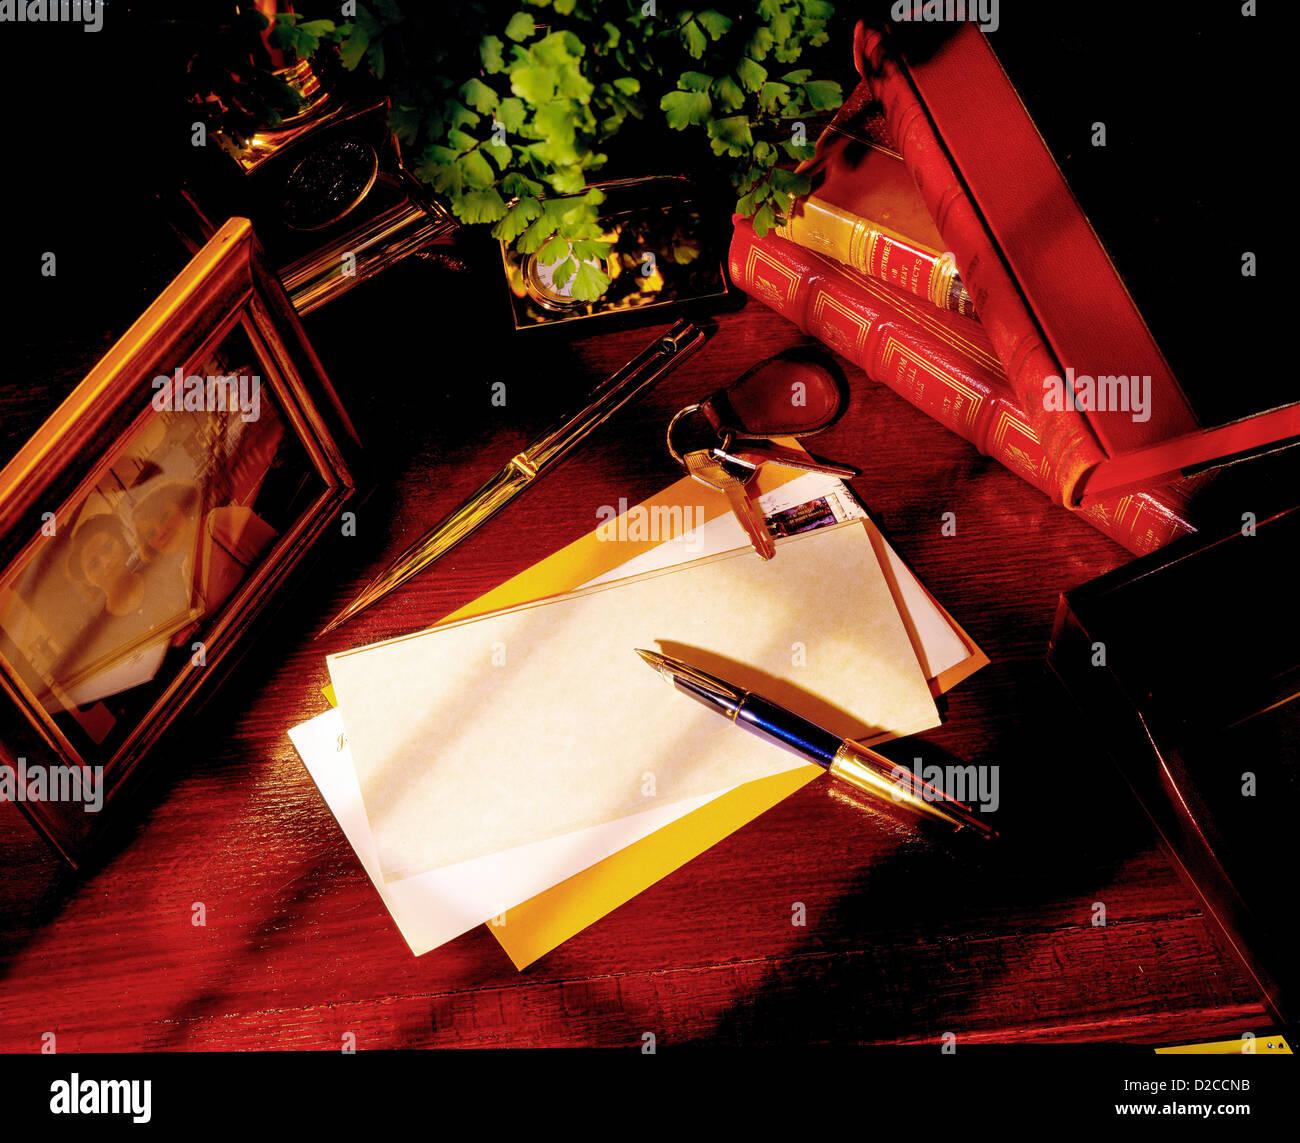 Office Desktop: Bodegón con lápices, papel, correo, llaves, libros y fotografía enmarcada. Imagen De Stock